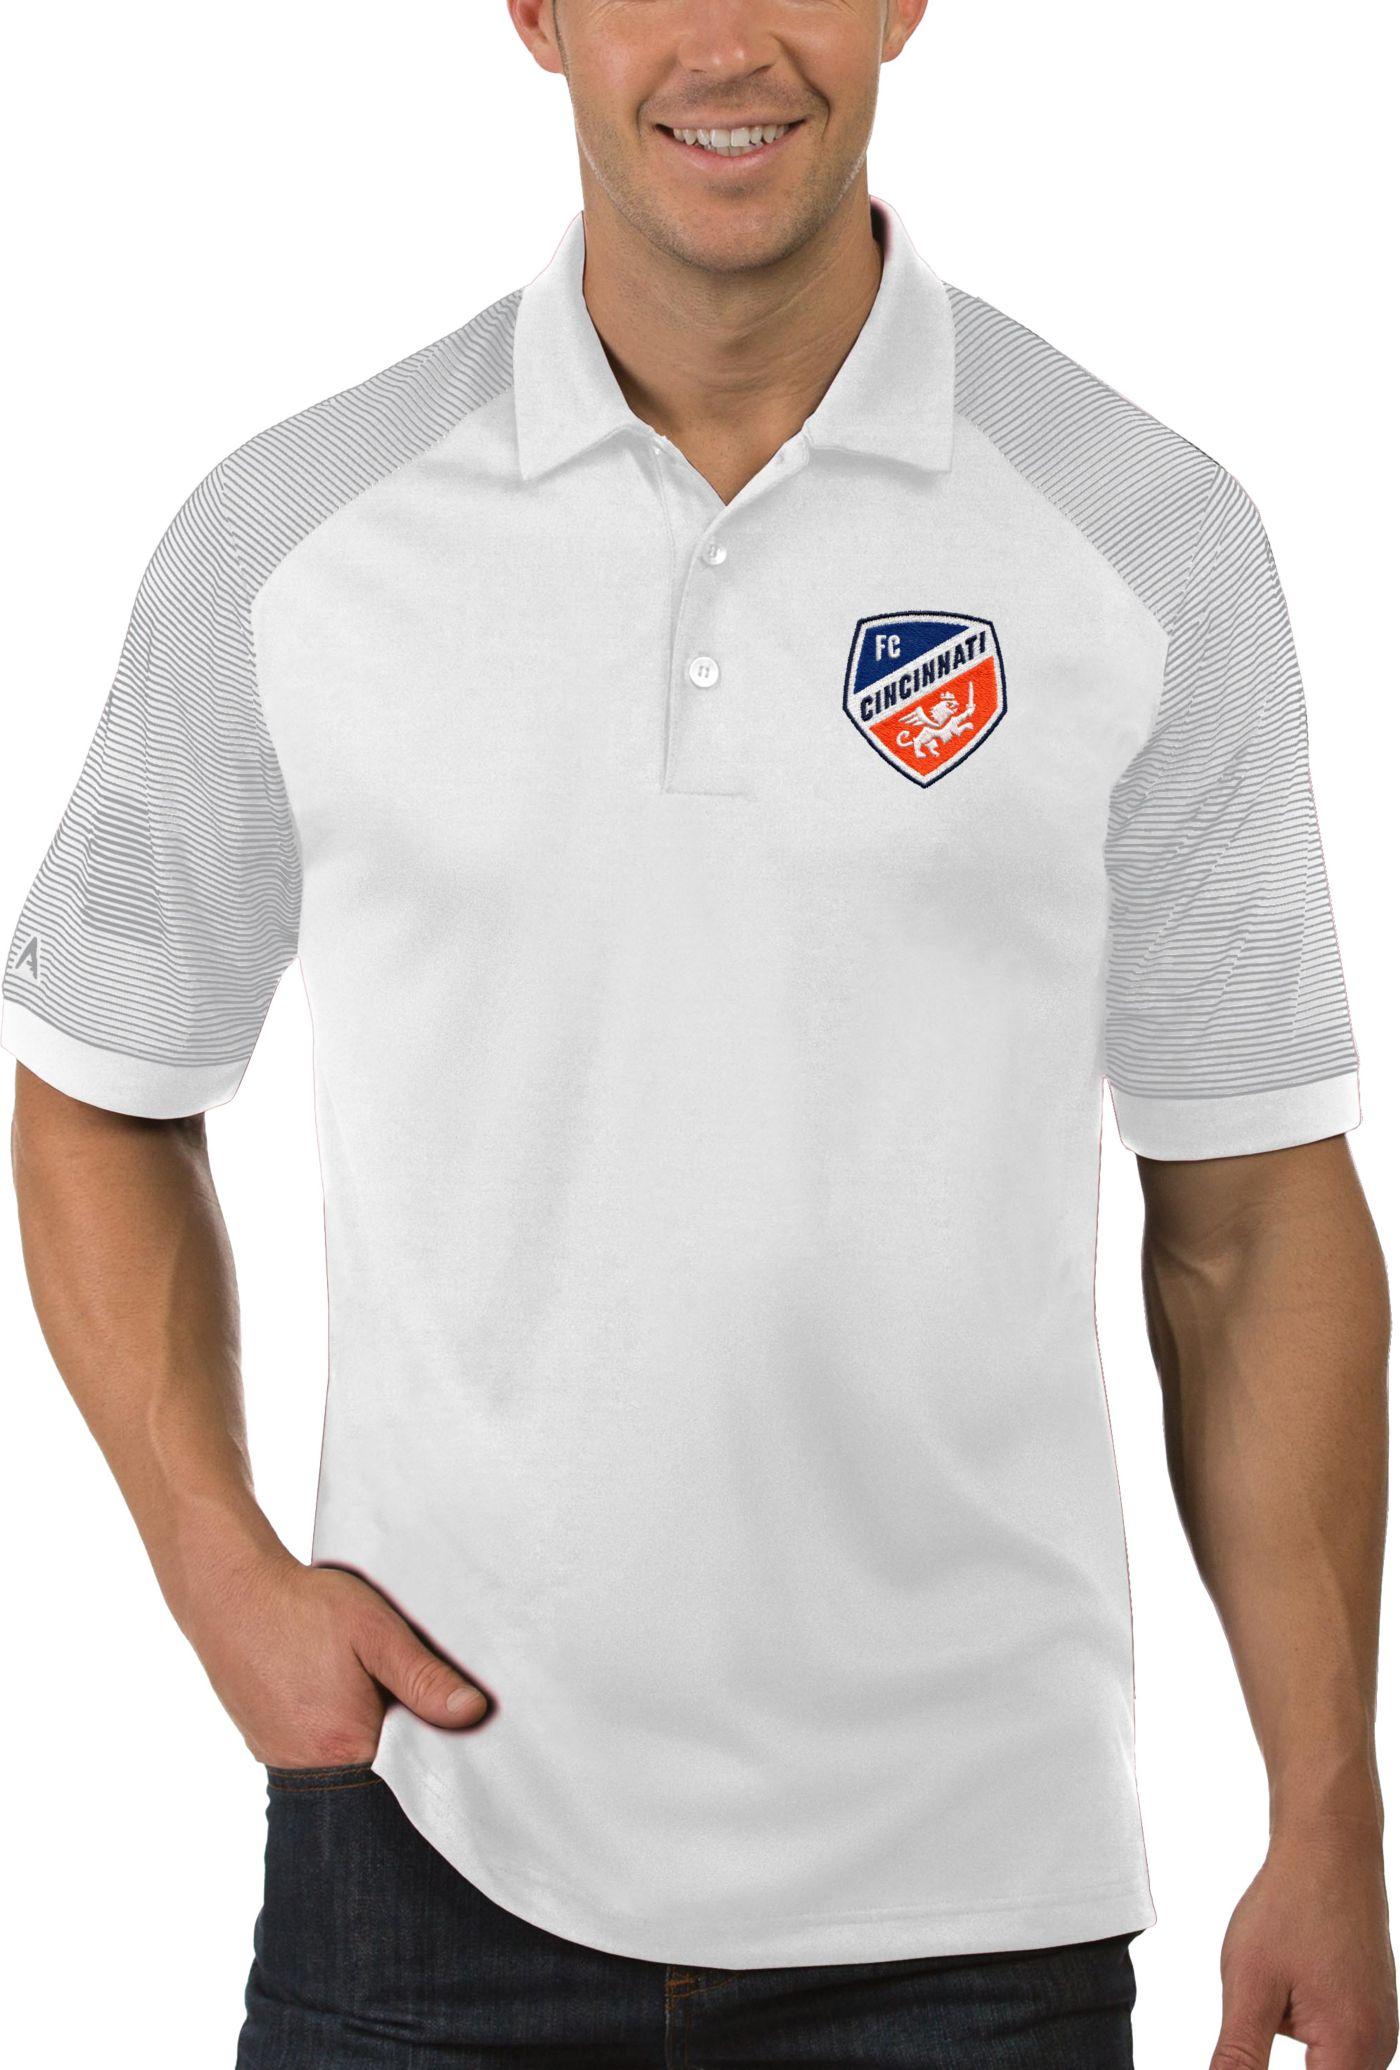 Antigua Men's FC Cincinnati Engage White Polo